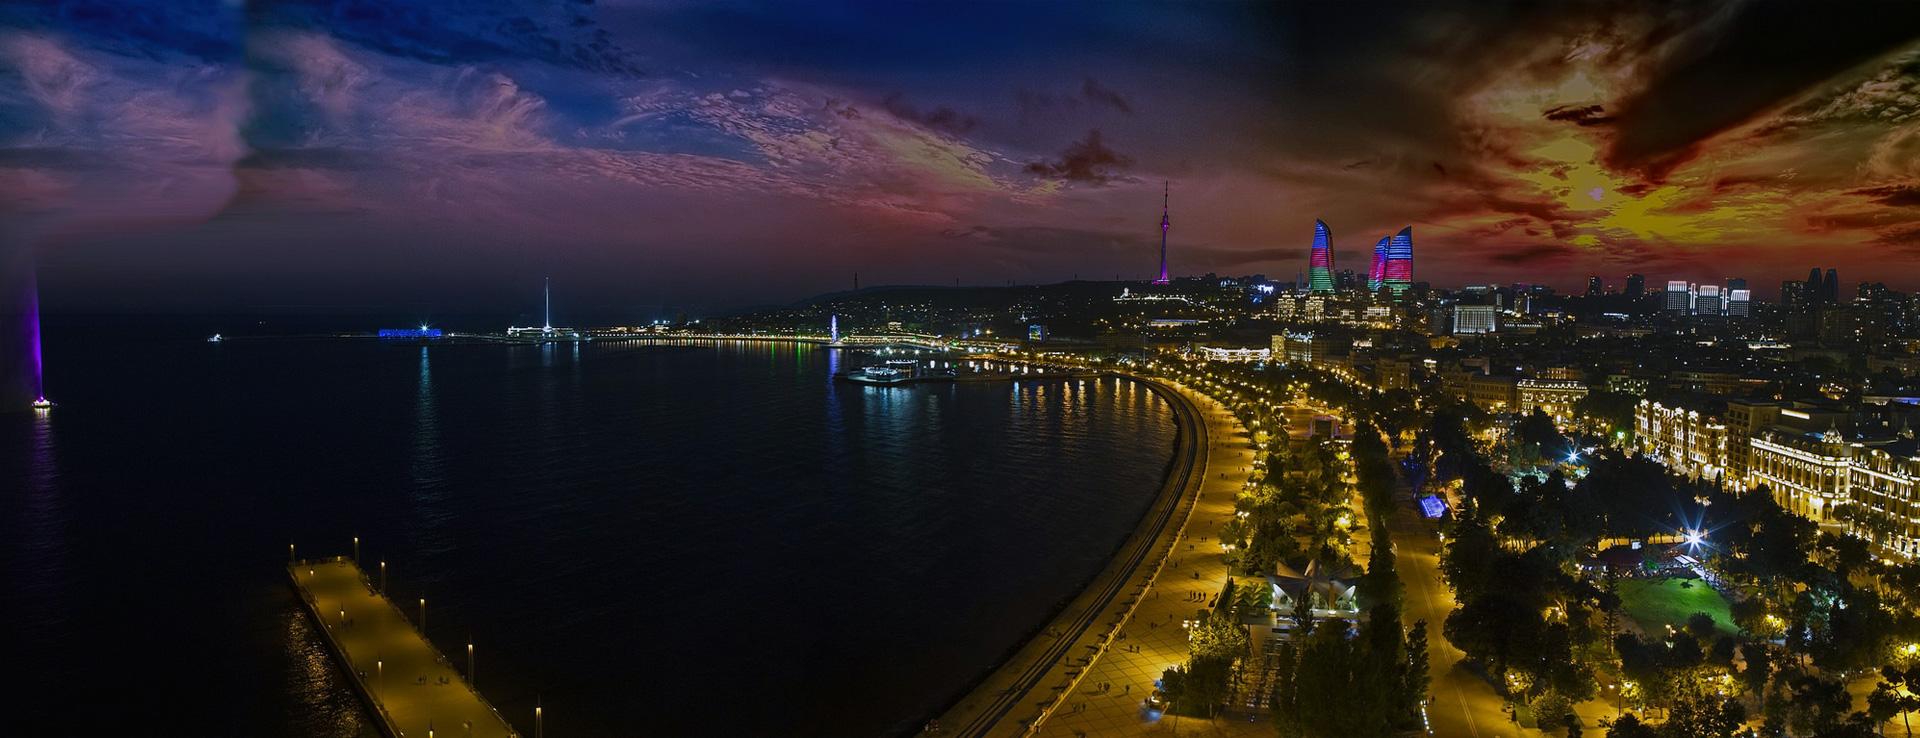 Как Азербайджан воскрешает дух Формулы-1 пятидесятых. Фото 6